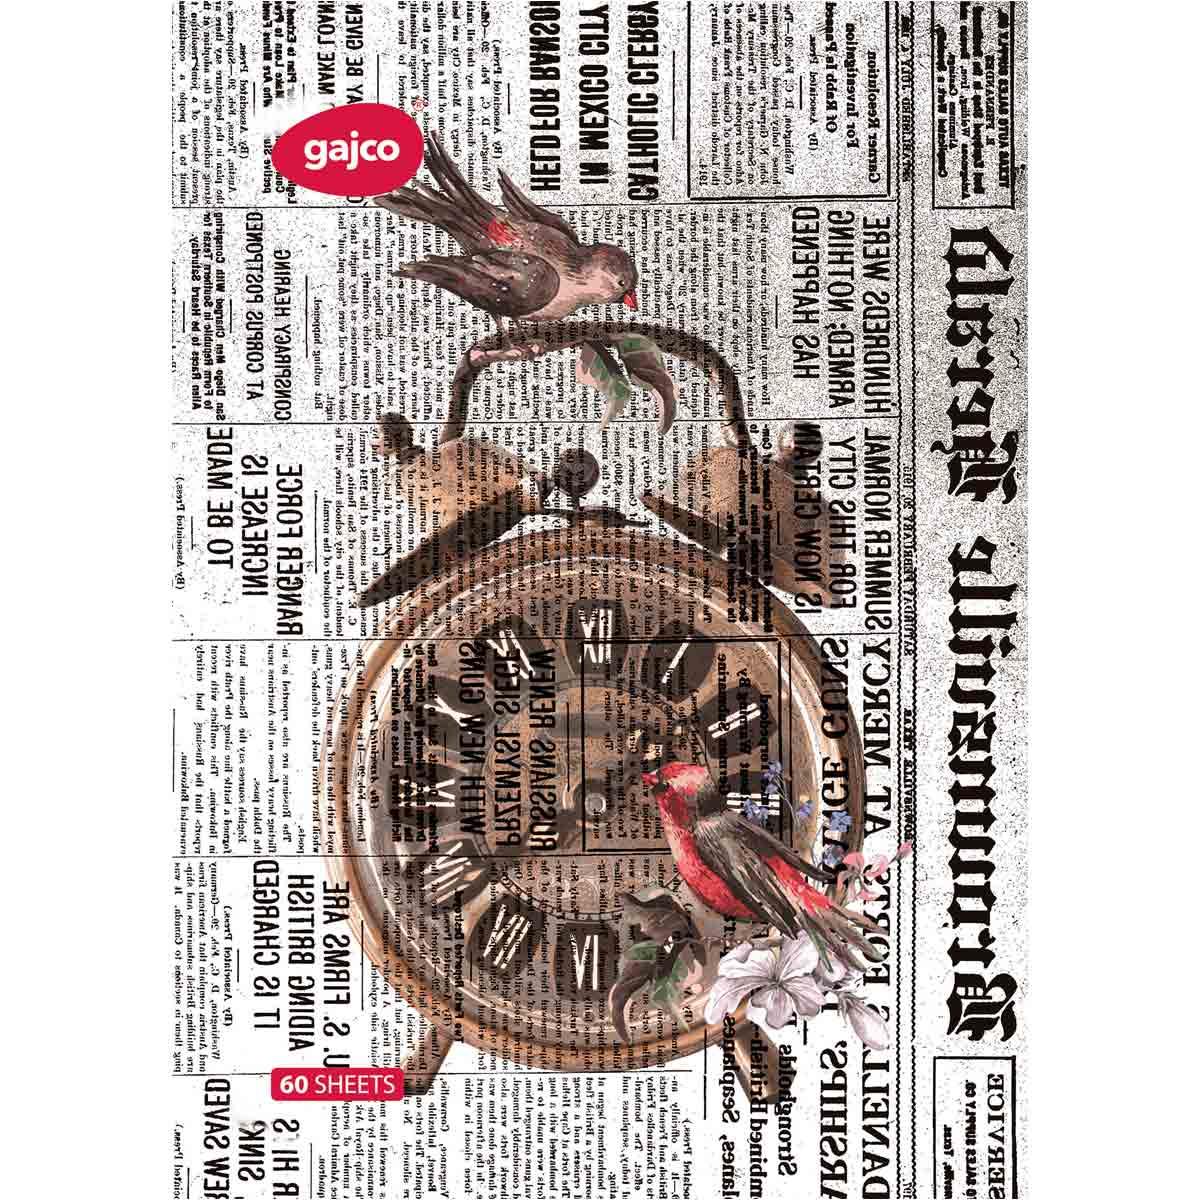 دفتر 60 برگ گاجکو طرح ساعت شماطه دار با رایحه شکلات